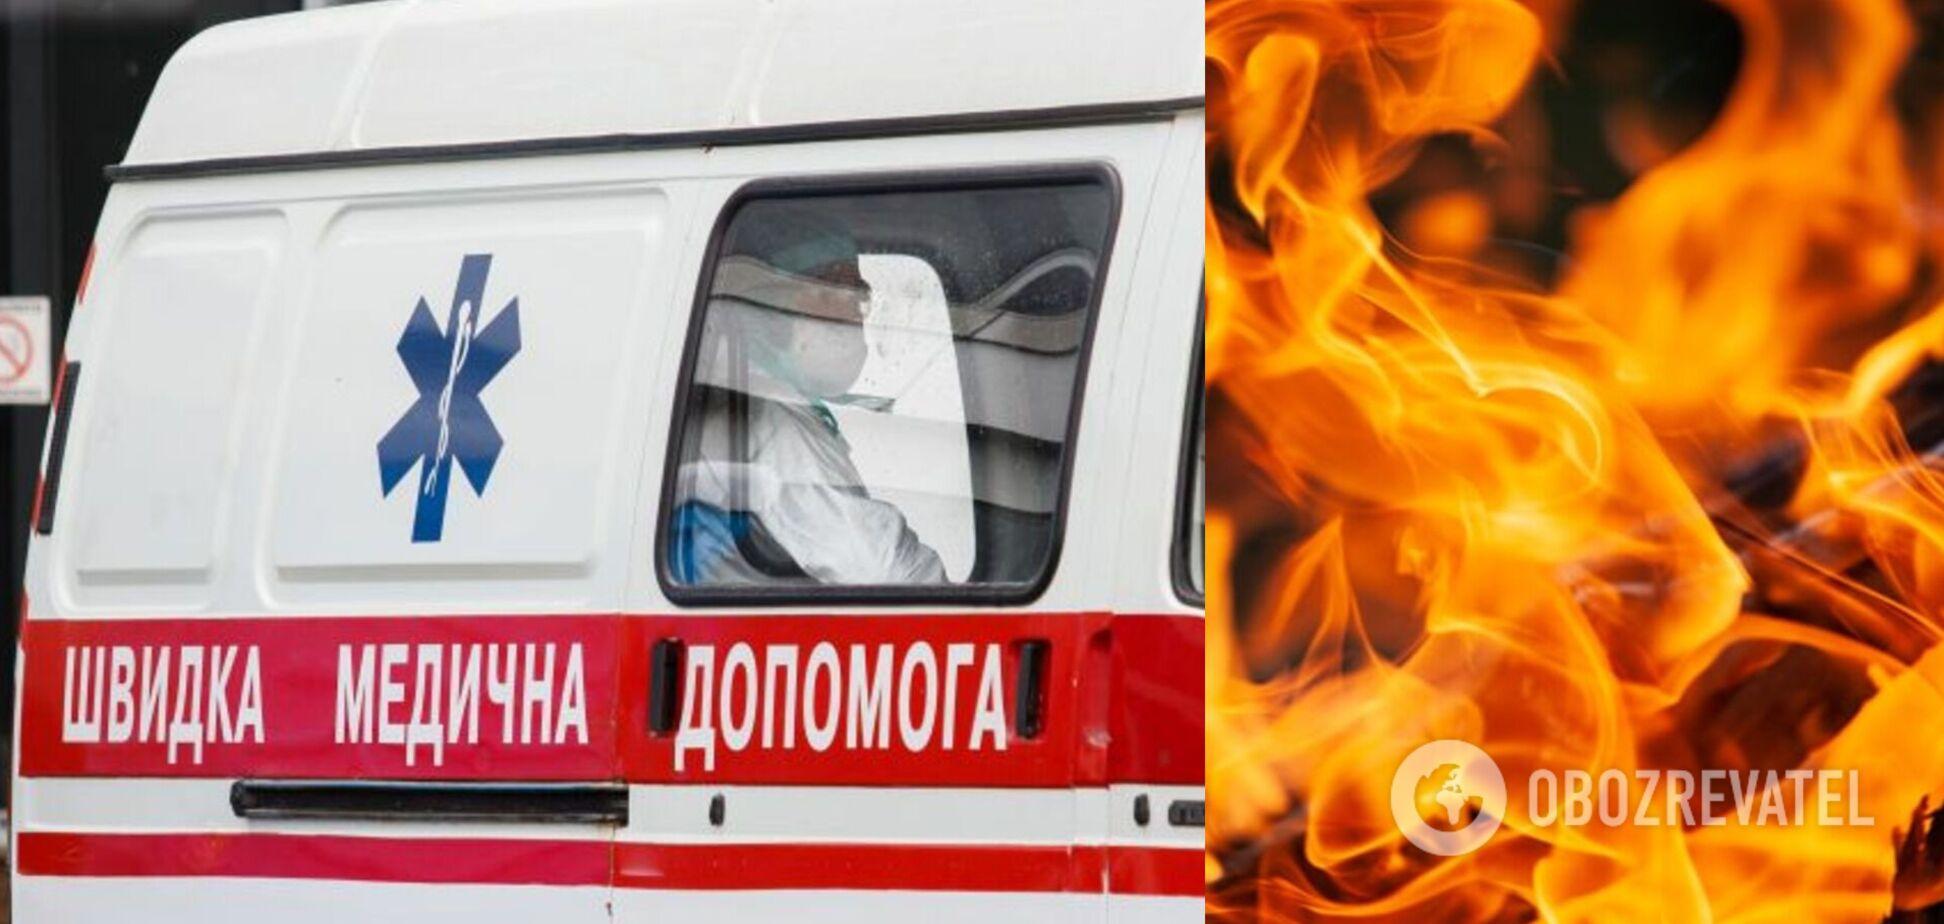 Вибила двері й кинулася на допомогу: на Миколаївщині жінка винесла з вогню трьох дітей